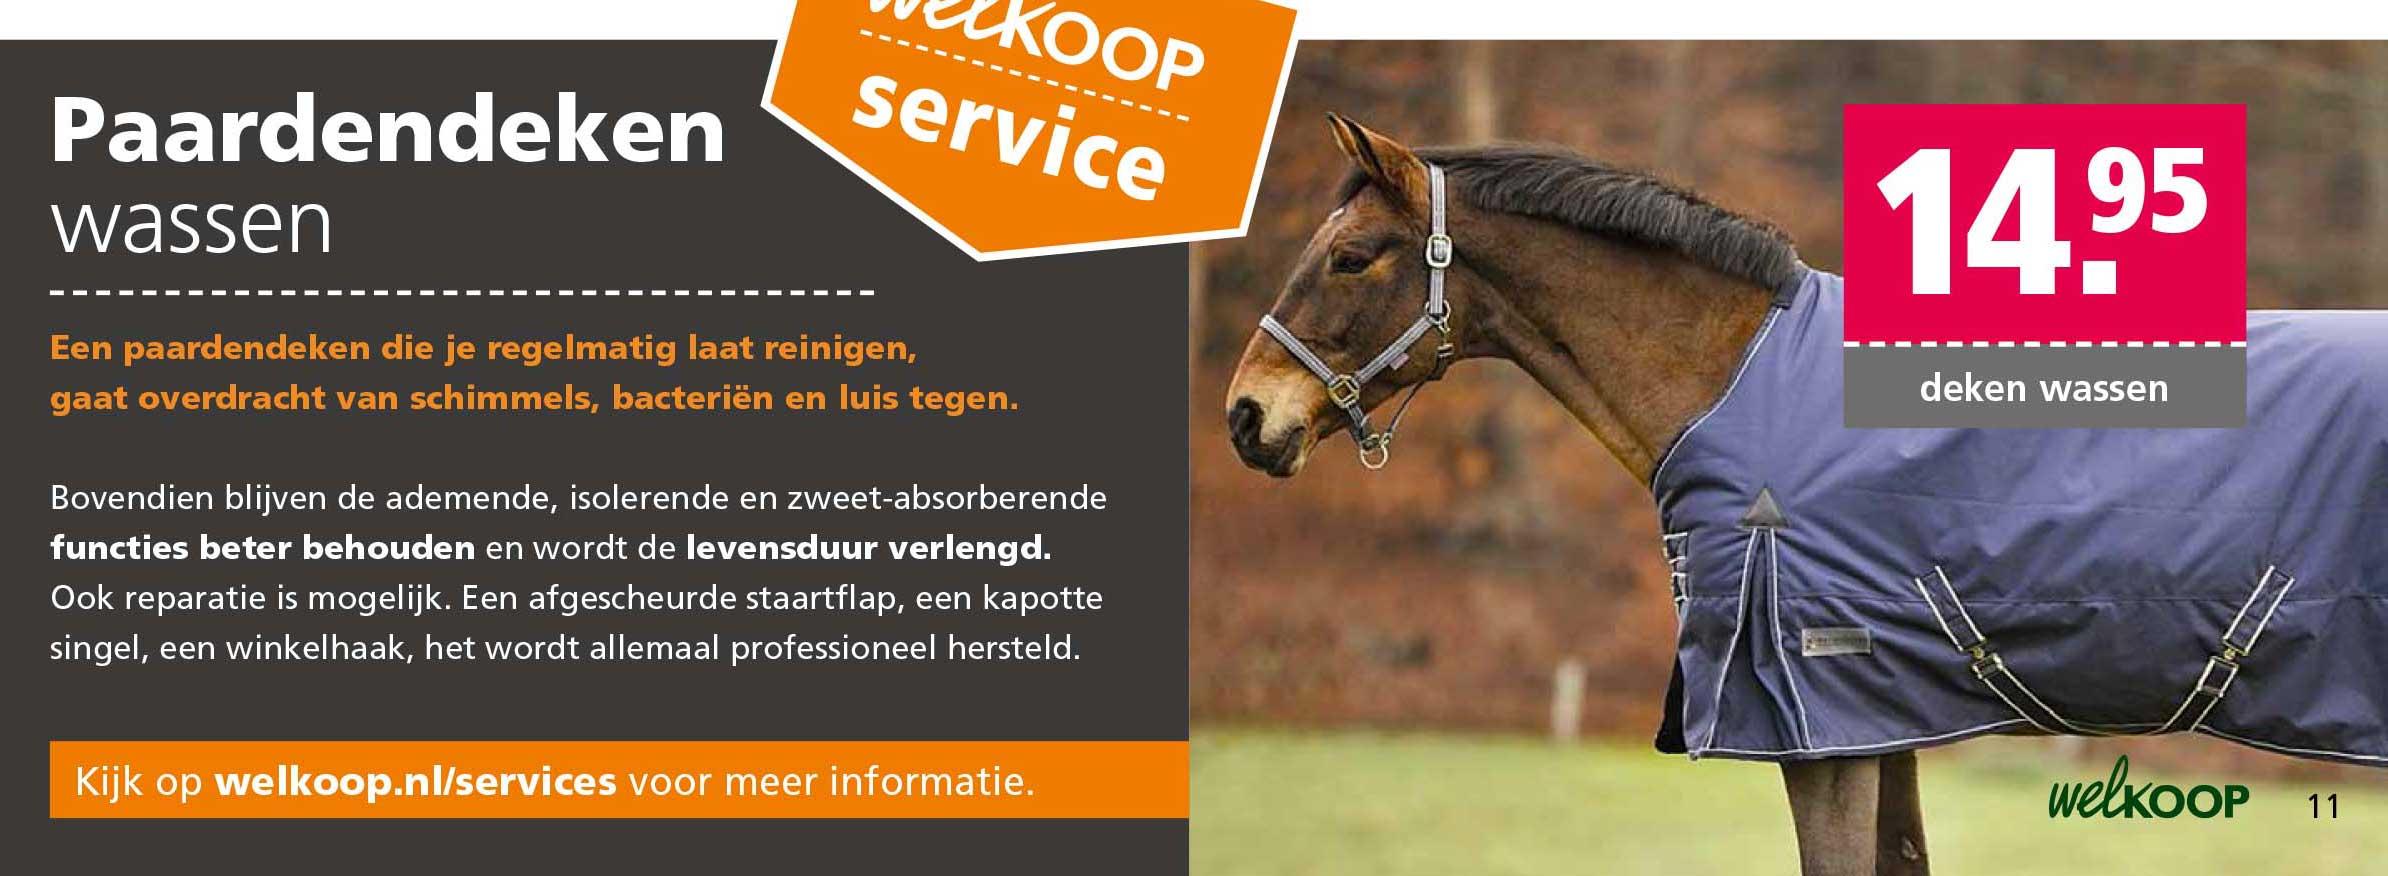 Welkoop Paardendeken Wassen: €14,95